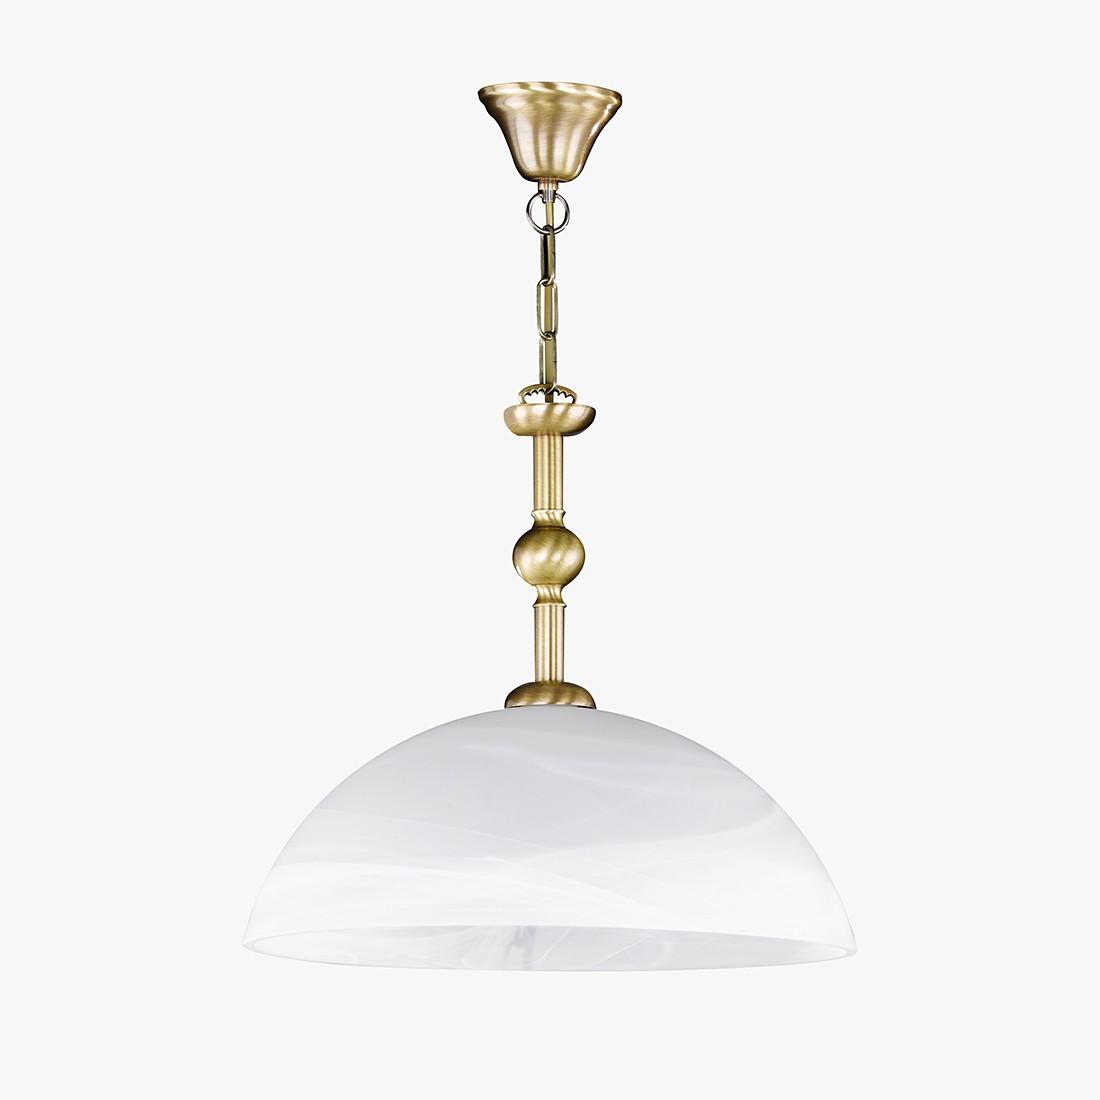 energie  A++, Hanglamp Imke - metaal - goudkleurig - 1 lichtbron, Honsel